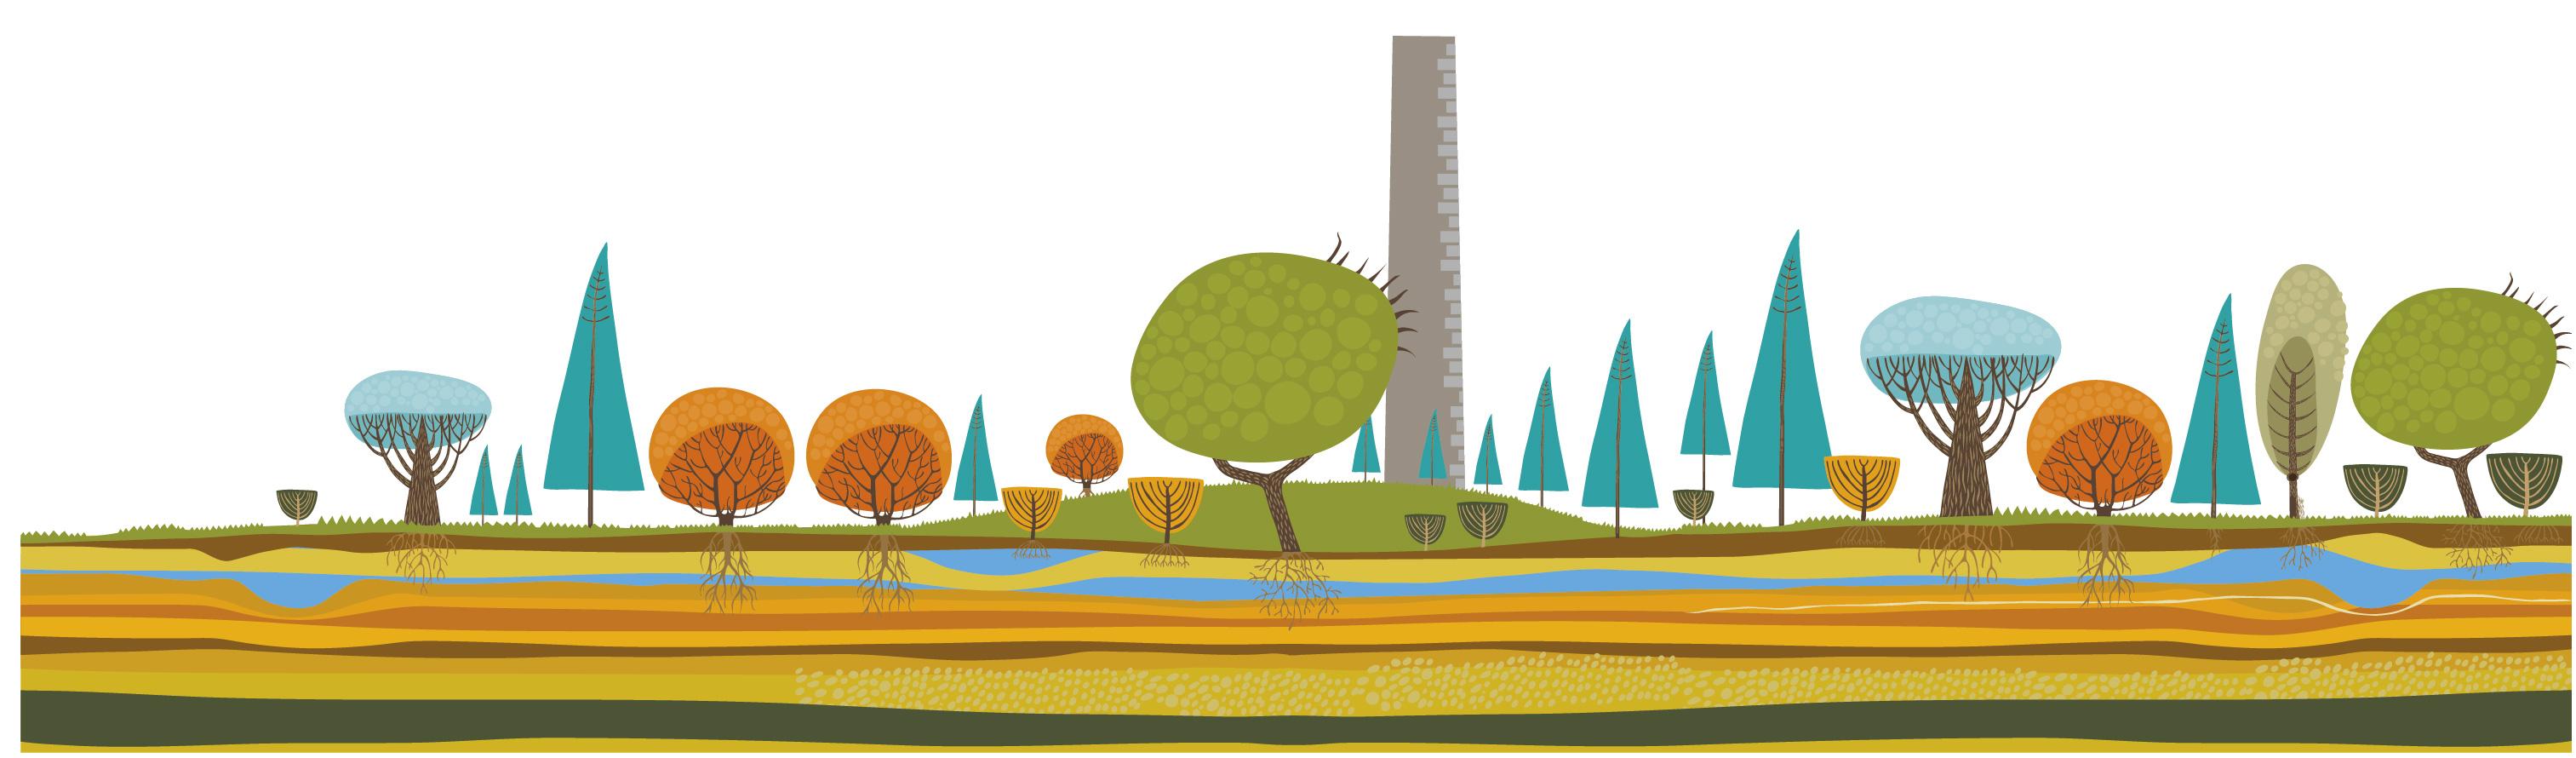 landscape_illustration